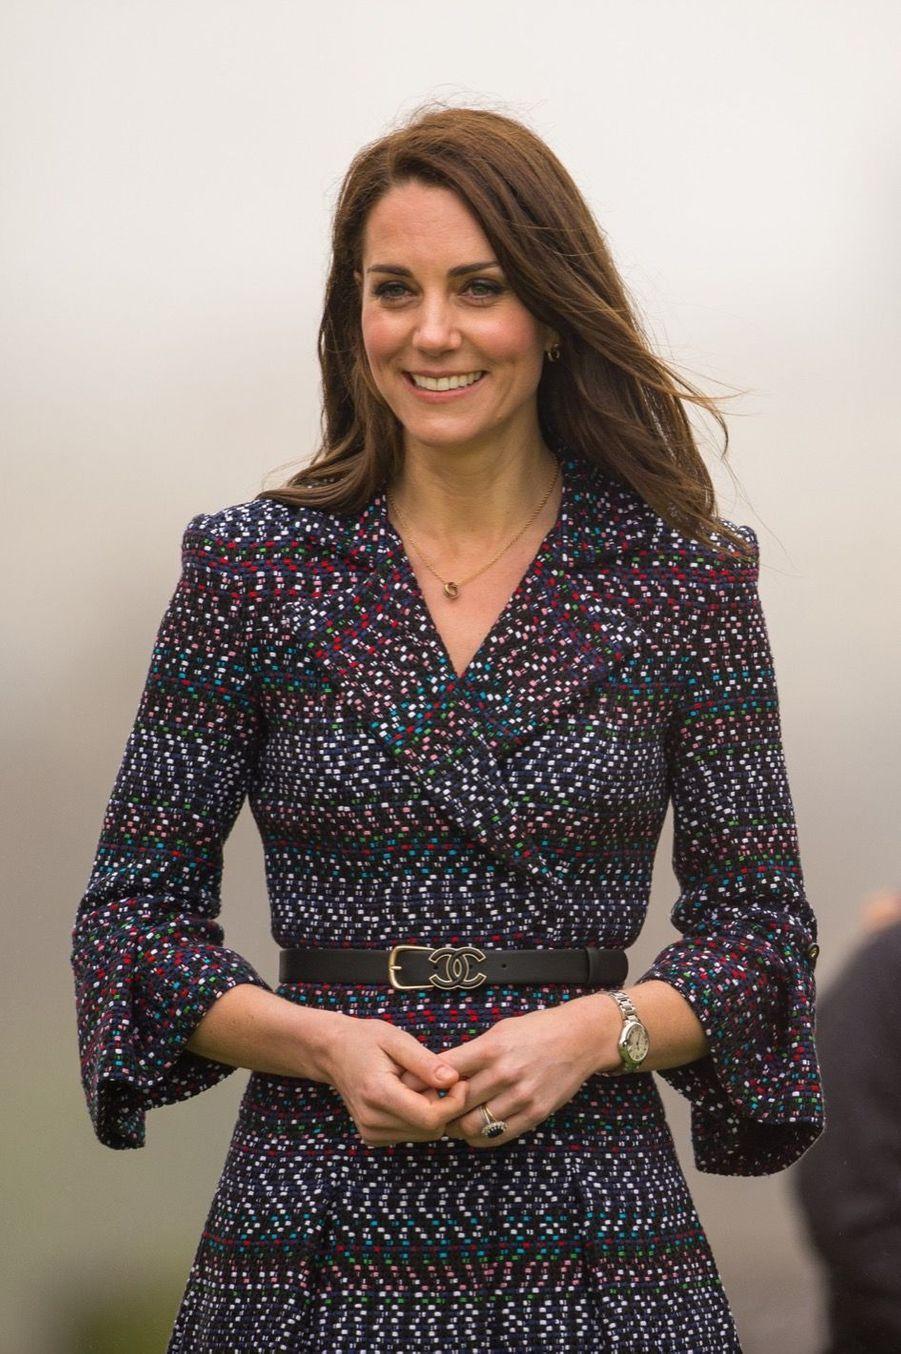 Kate Middleton Et Le Prince William Jouent Au Rugby Sur L'esplanade Du Trocadéro 34